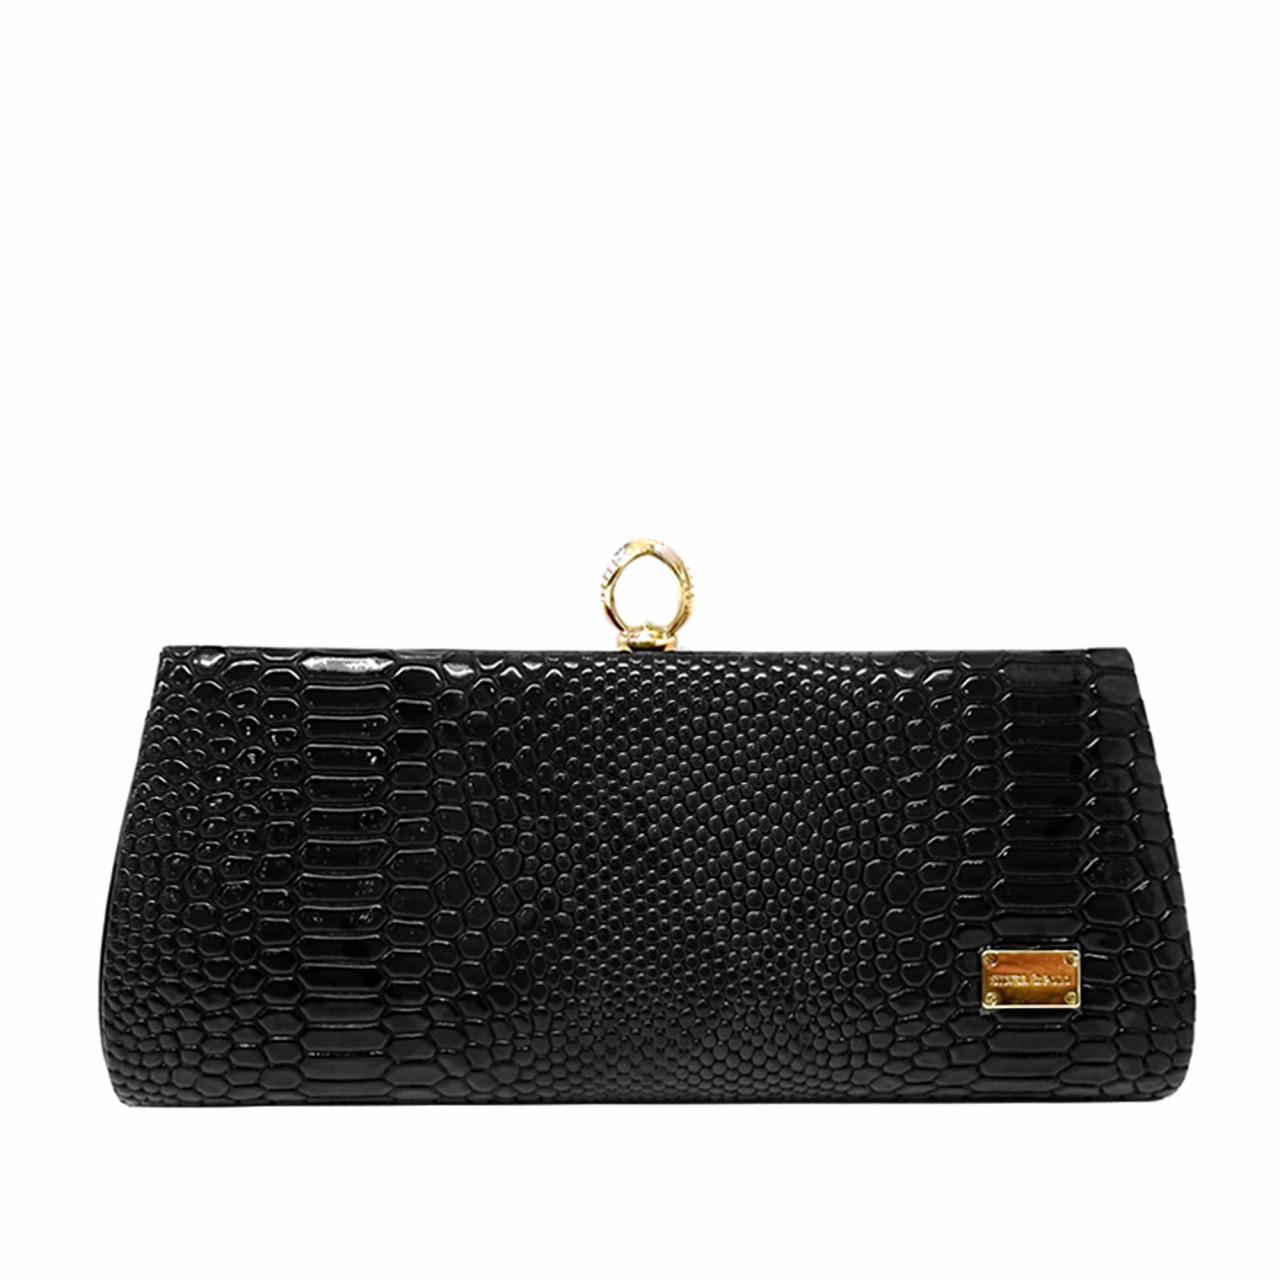 Вечерна дамска чанта черен клъч плик